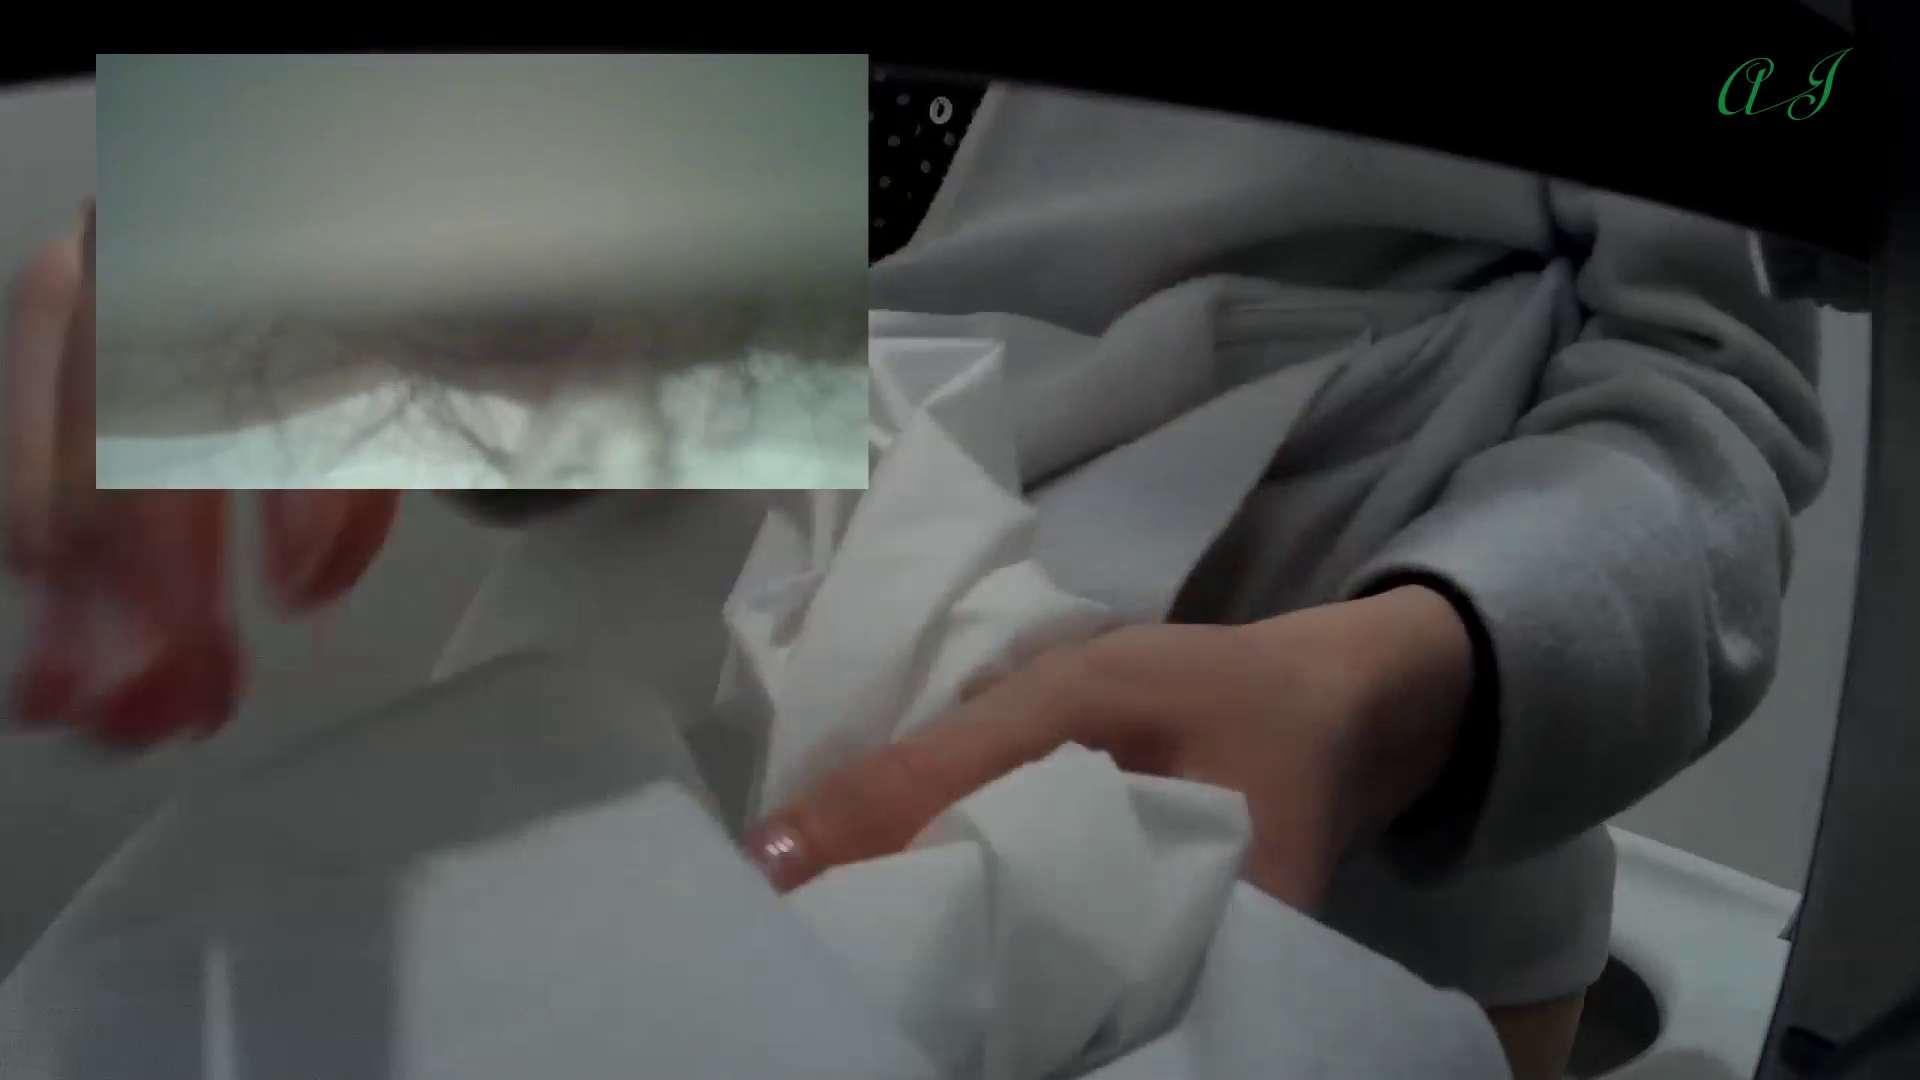 トイレ盗撮|▲2017_29位▲ 【35位 2016】有名大学女性洗面所 vol.63|怪盗ジョーカー